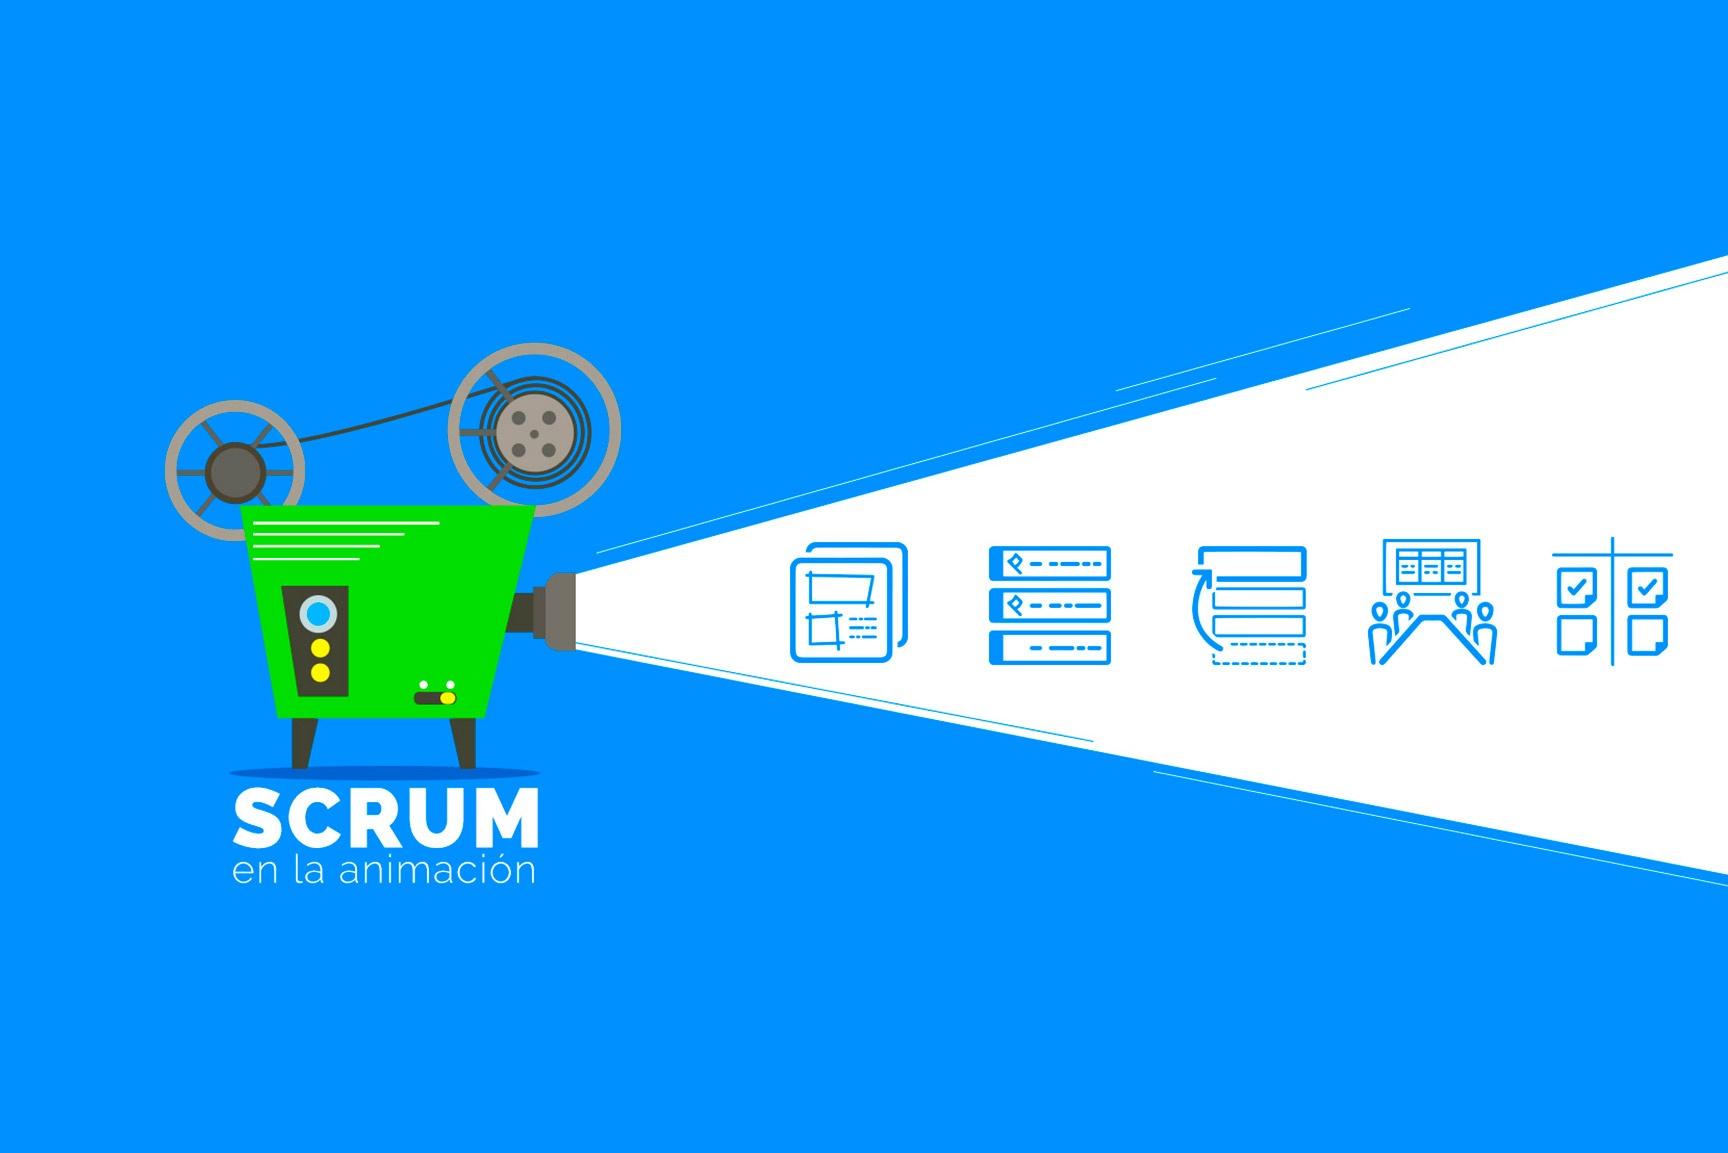 h_uso_de_scrum_en_la_produccion_de_animacion_digital_y_la_posproduccion_de_video.jpg